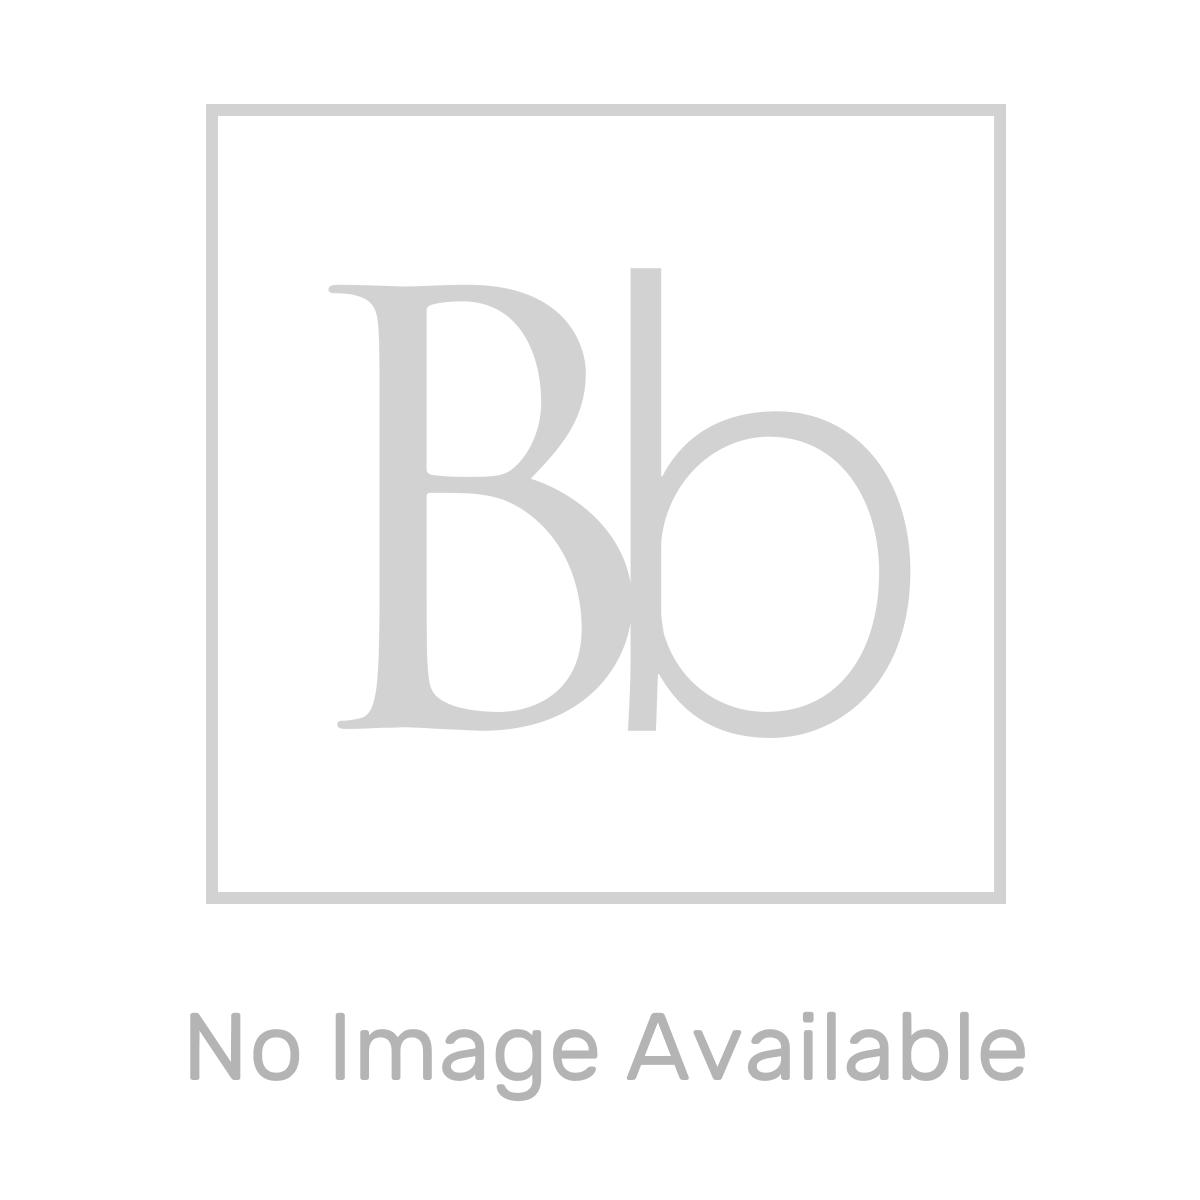 Nuie Legend Close Coupled Toilet Dimensions